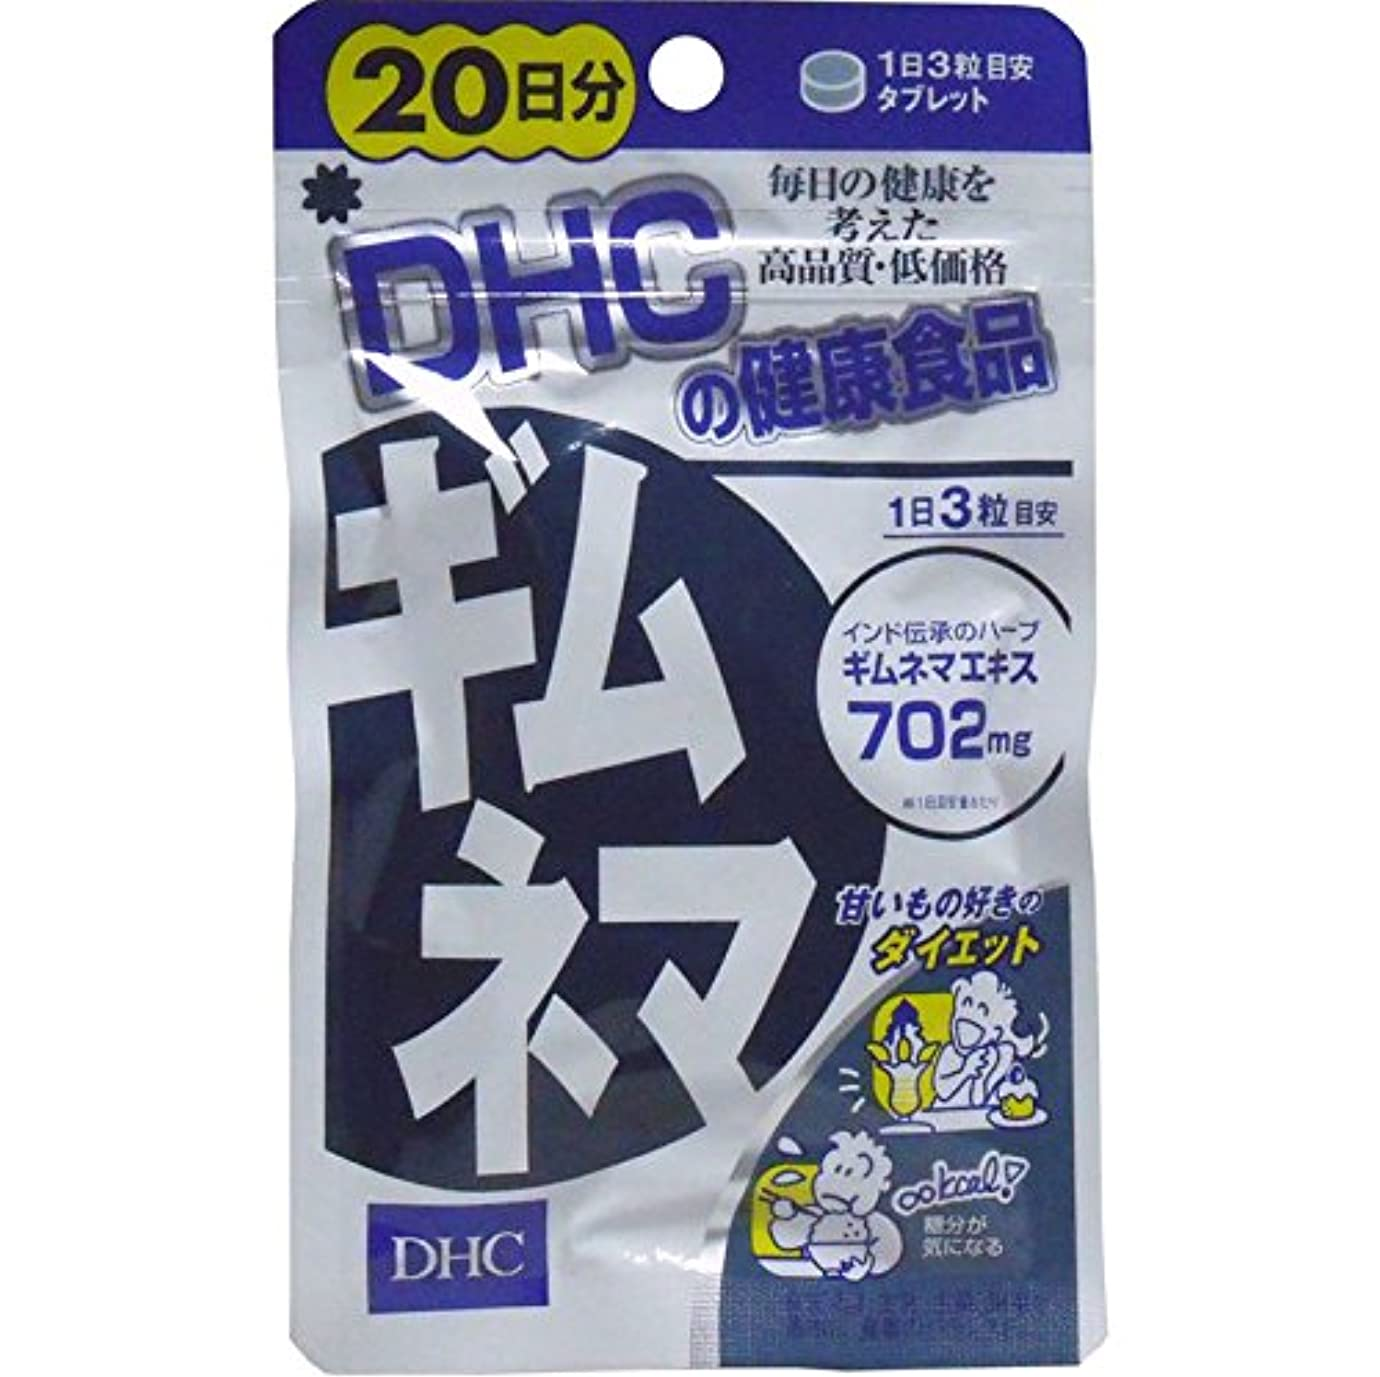 インキュバスキャンディー交換ダイエット 美容 健康 糖分や炭水化物を多く摂る人に 人気商品 DHC ギムネマ 20日分 60粒【4個セット】